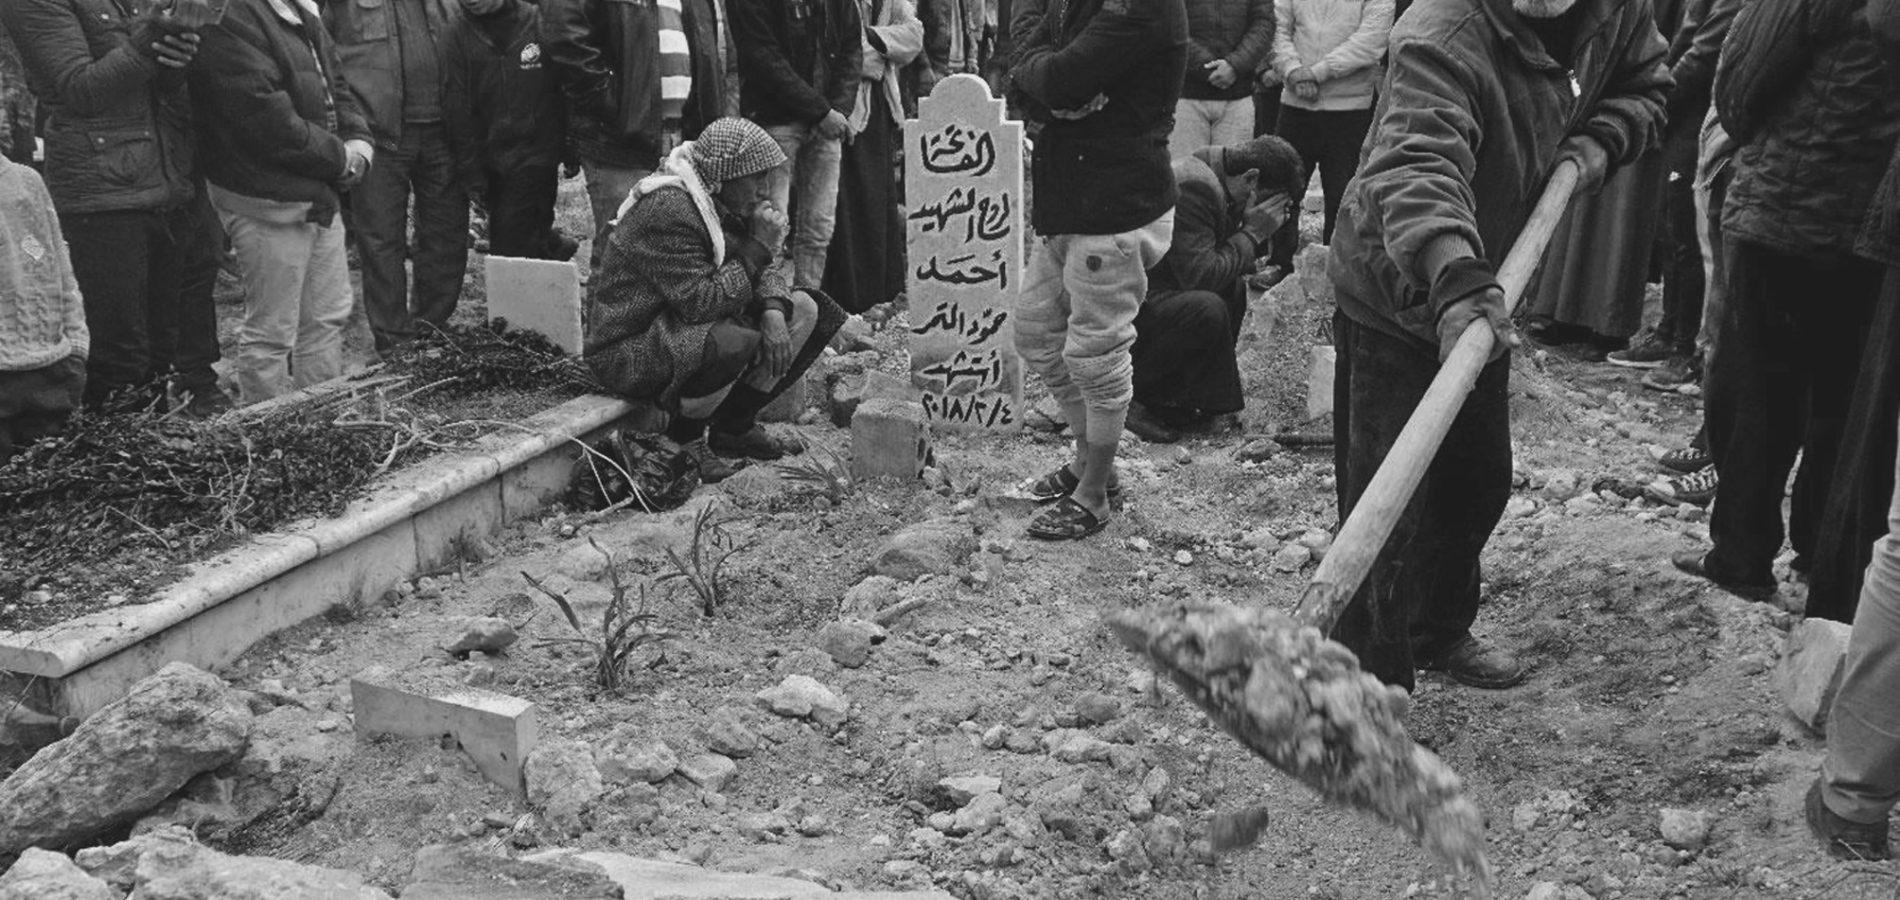 Begrafenis Idlib